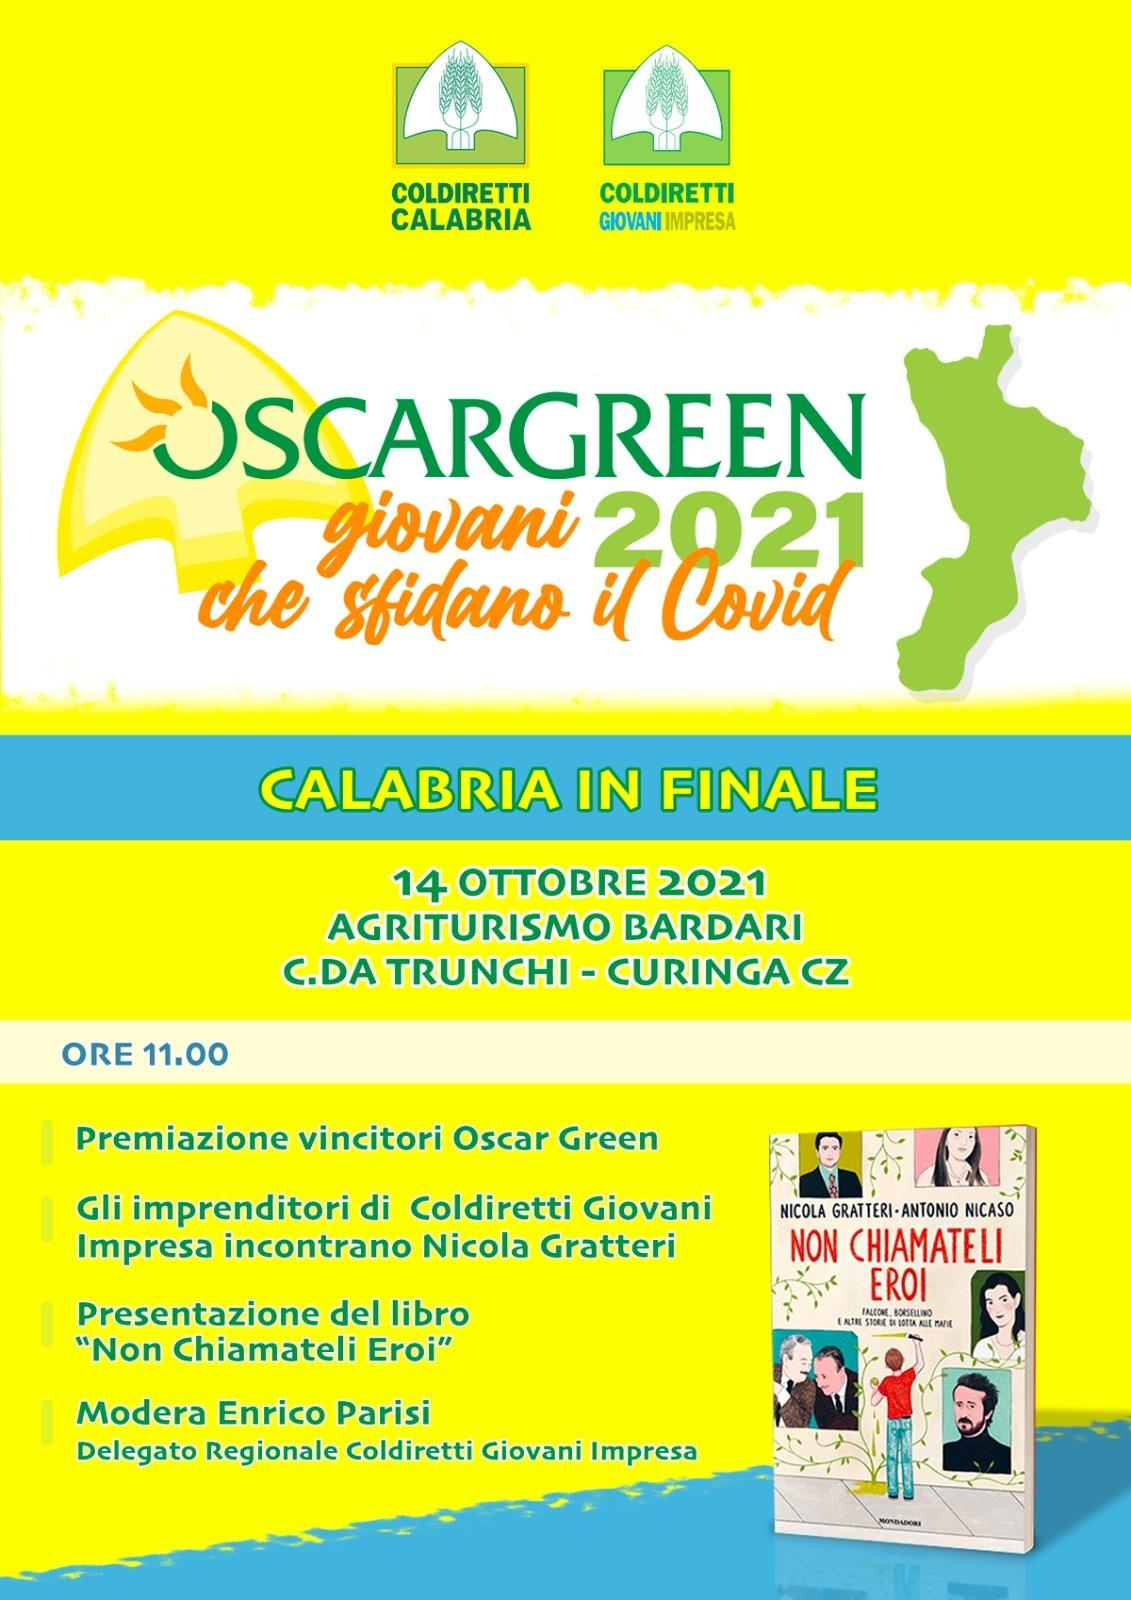 Coldiretti Premio Oscar Green 2021: ci sarà il Procuratore dott. Nicola Gratteri -Giovedì 14 ottobre p.v. gran finale regionale all'agriturismo Bardari a Curinga (CZ) c.da Trunchi